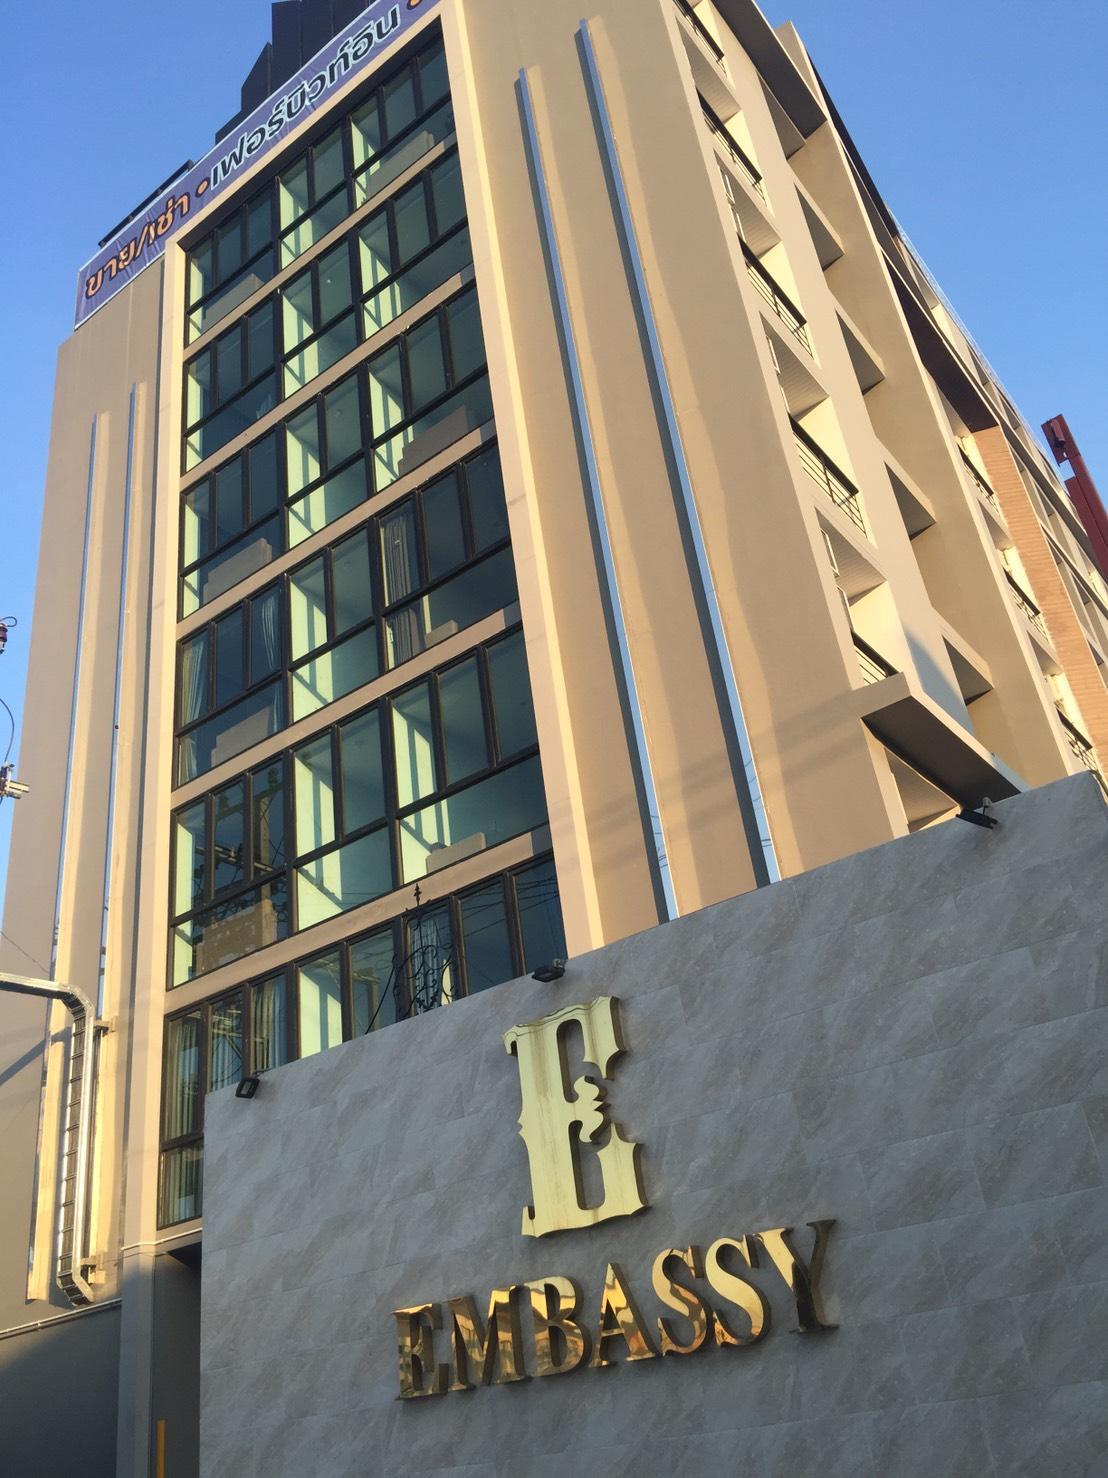 使馆园酒店,เอ็มบาสซี เพลส